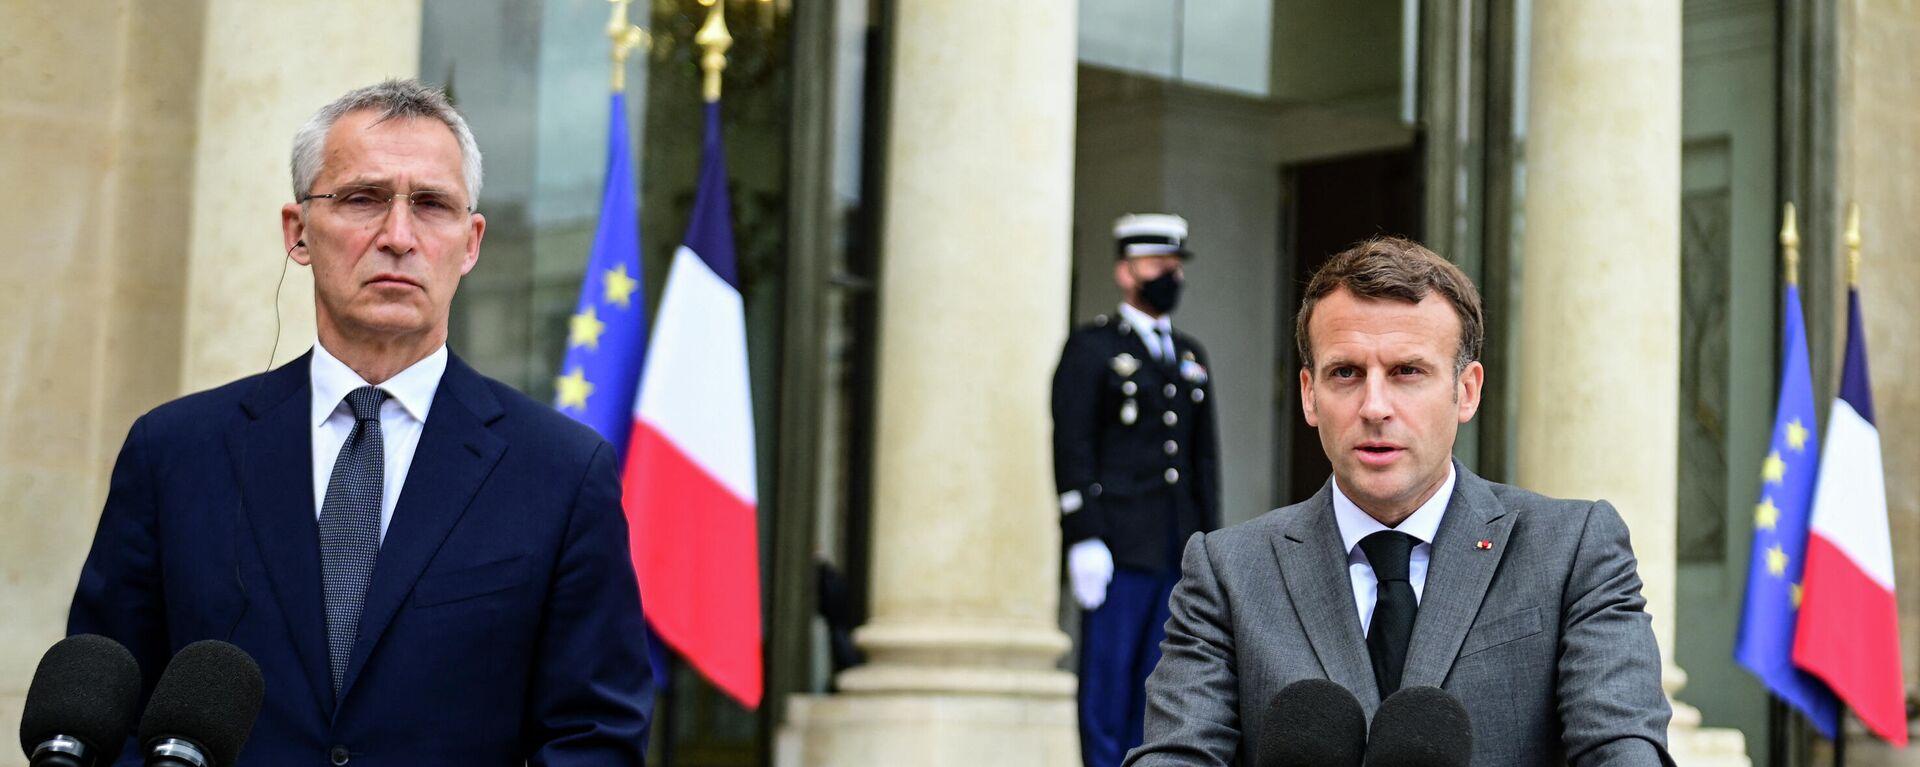 El secretario general de la OTAN, Jens Stoltenberg, y el presidente de Francia, Emmanuel Macron - Sputnik Mundo, 1920, 06.10.2021